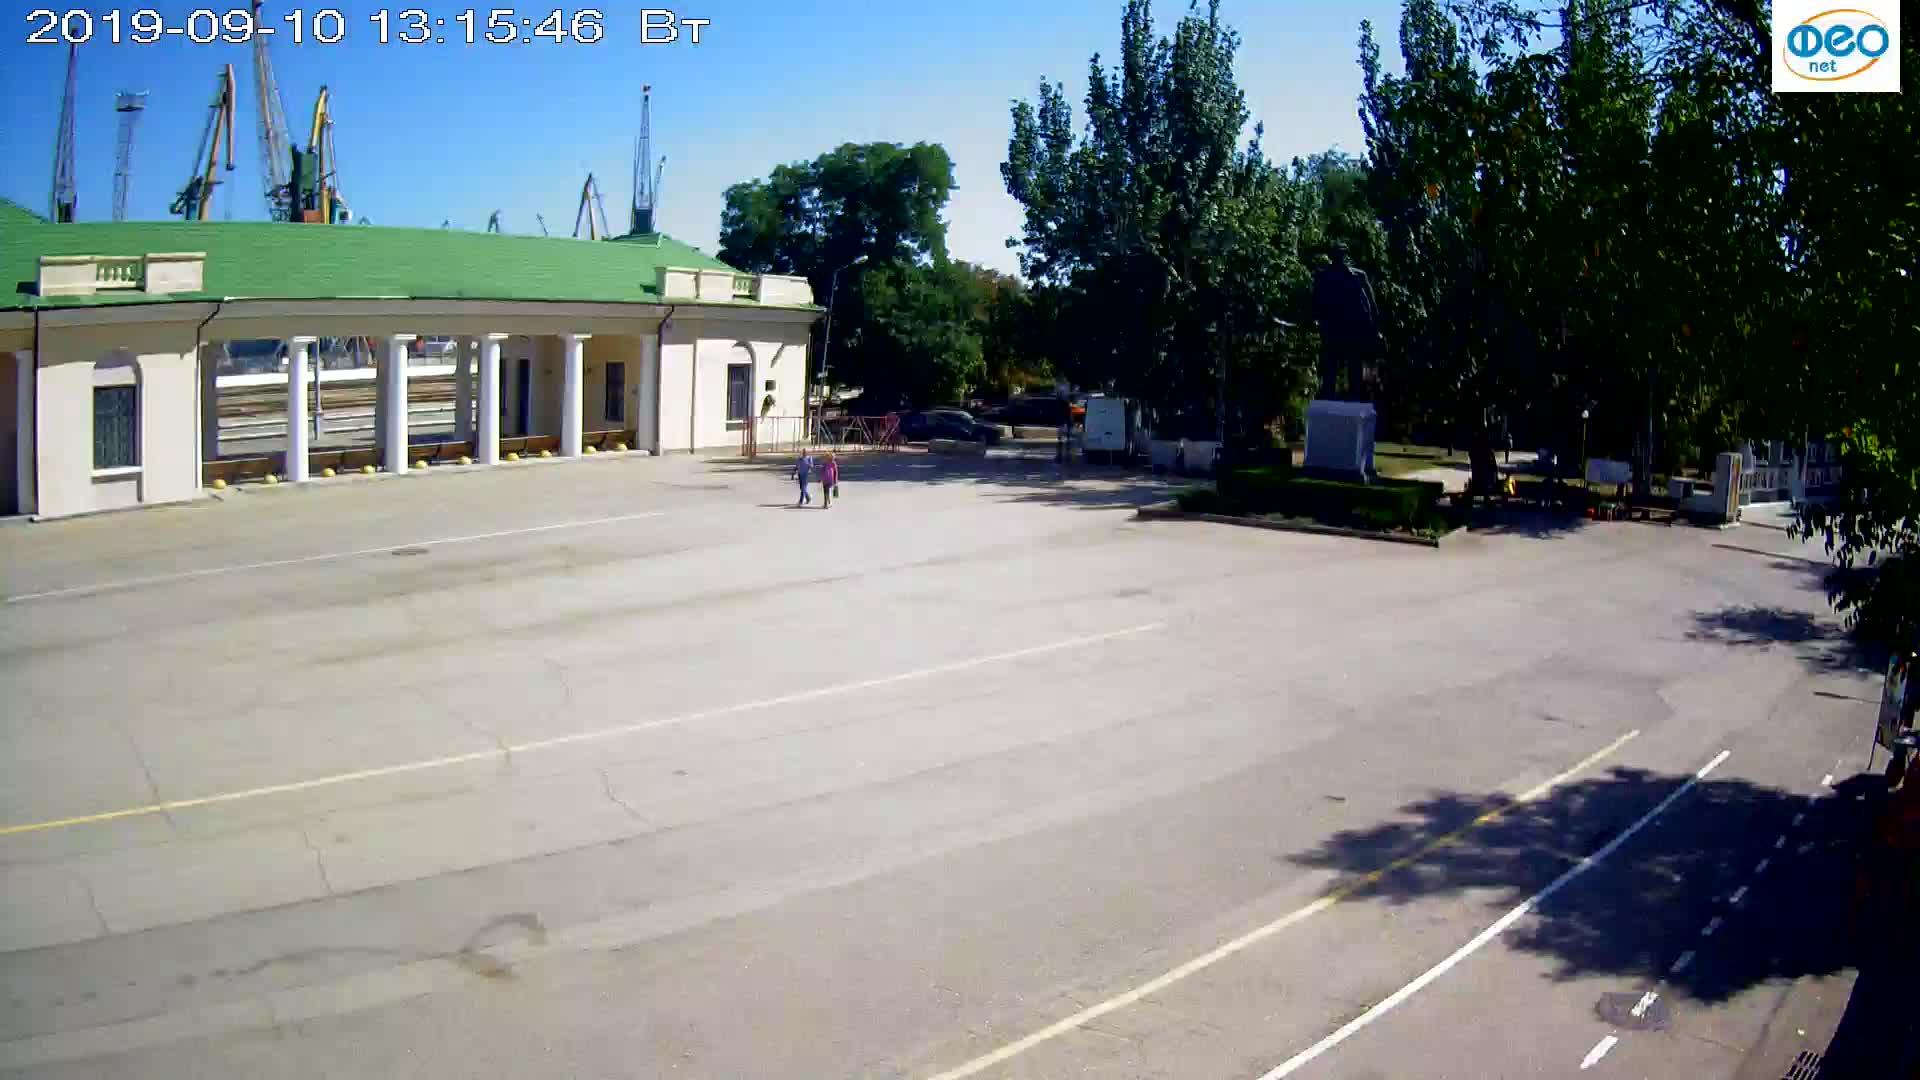 Веб-камеры Феодосии, Привокзальная площадь 2, 2019-09-10 13:03:09